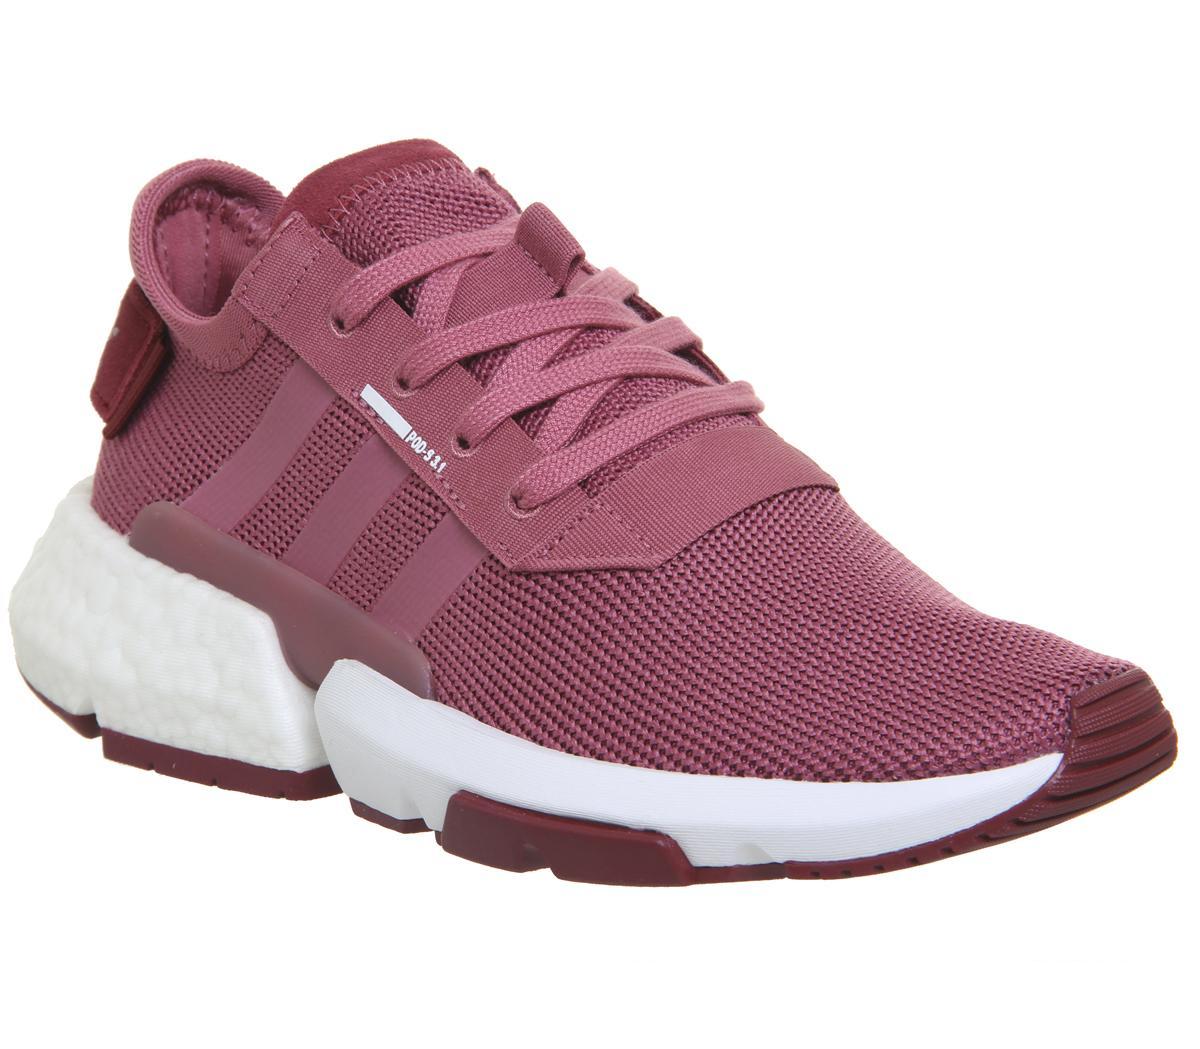 adidas Pod S3.1 Trainers Trace Maroon - Sneaker damen